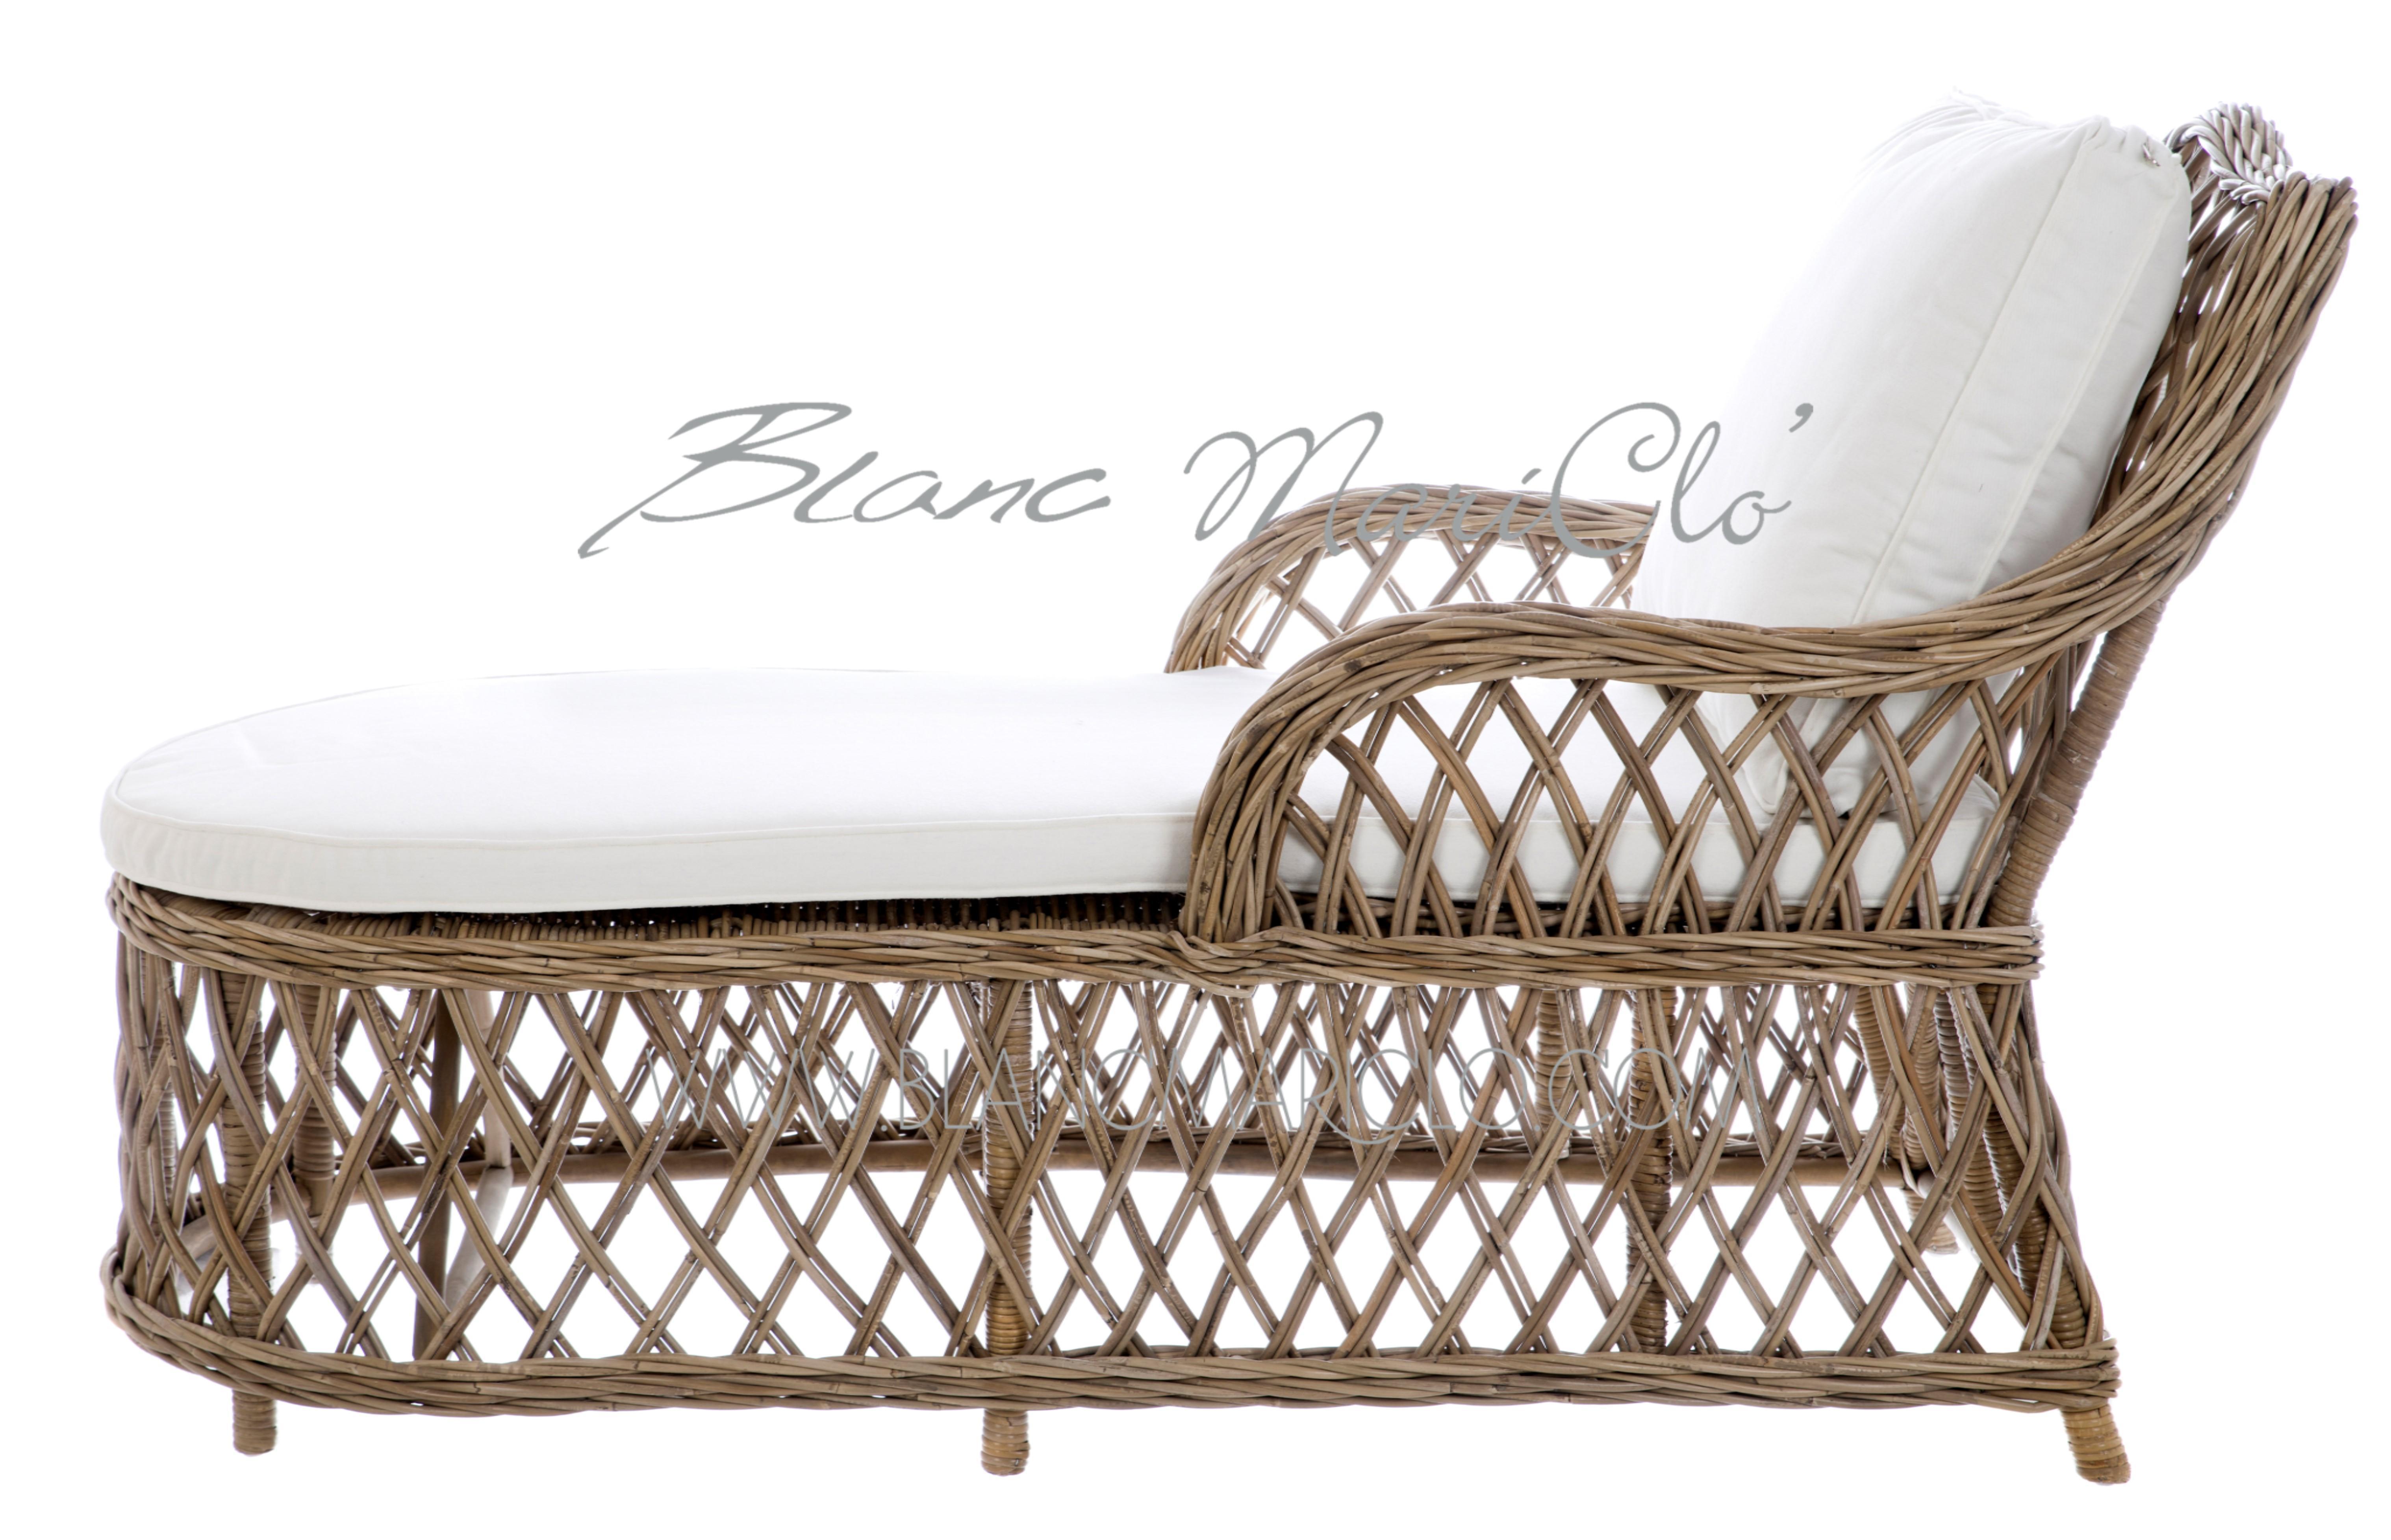 Mobili e complementi Blanc Mariclo Old & New